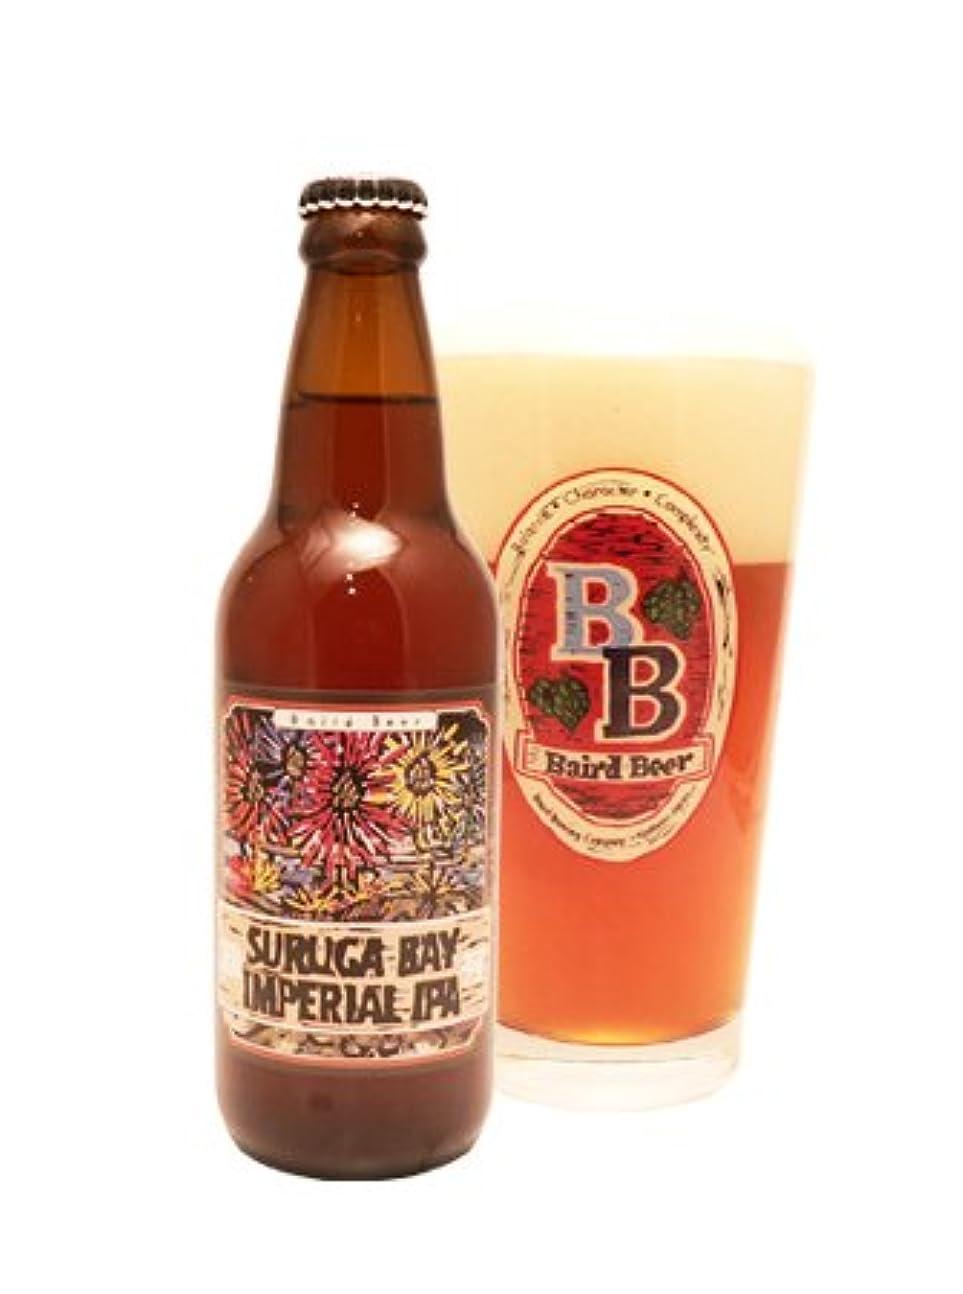 舗装する素晴らしき十分なベアードビール スルガベイインペリアルIPA